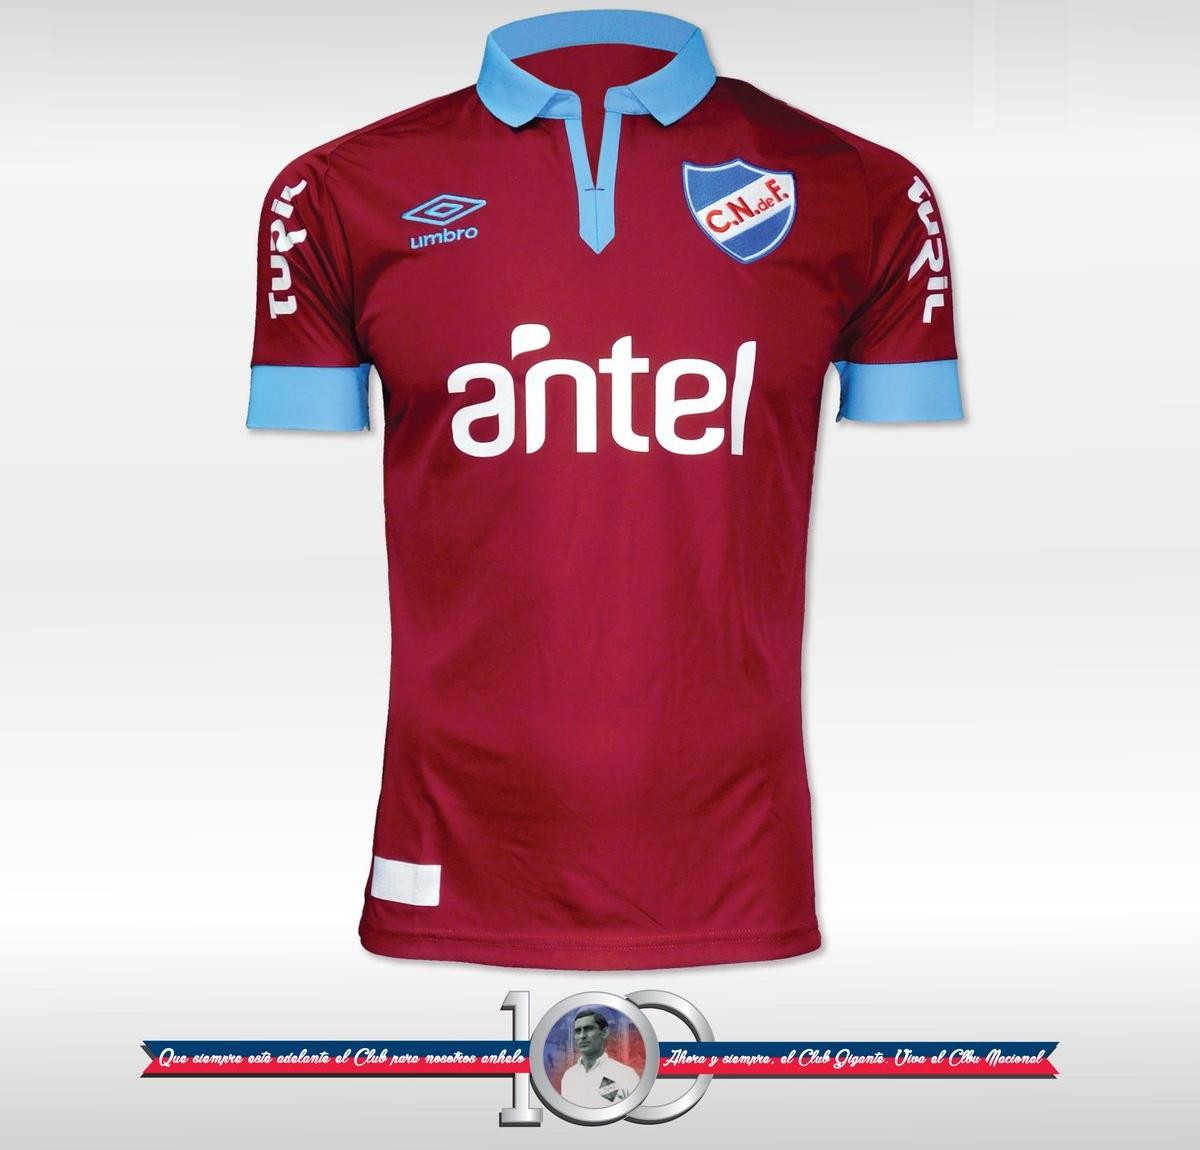 91d191edf5 Umbro divulga camisa especial do Nacional do Uruguai - Show de Camisas